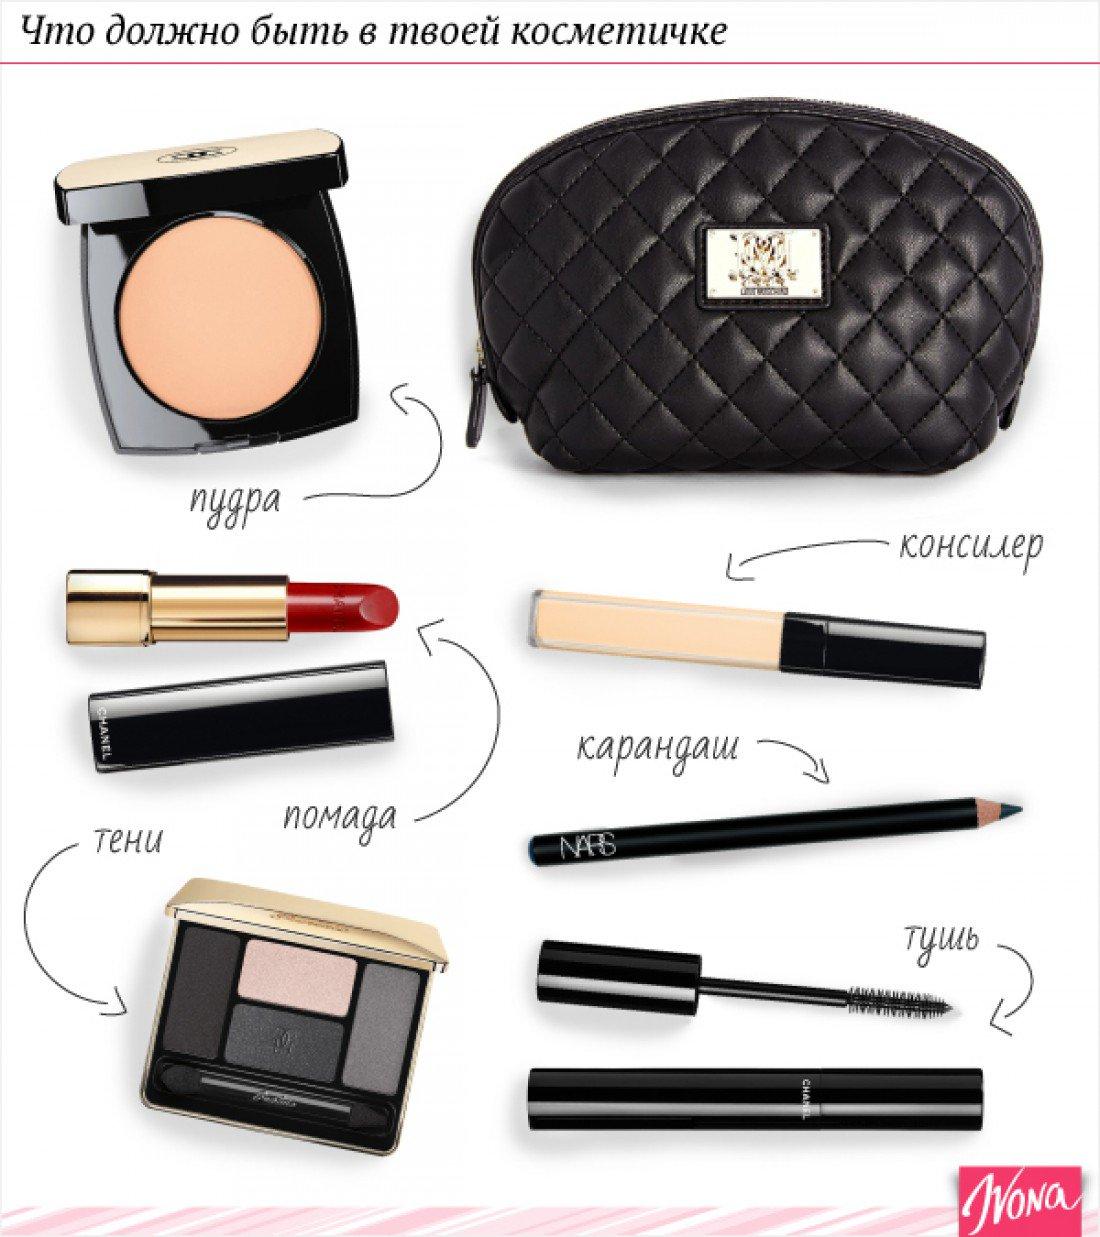 Идеальный макияж: 24 самых важных предмета для косметички